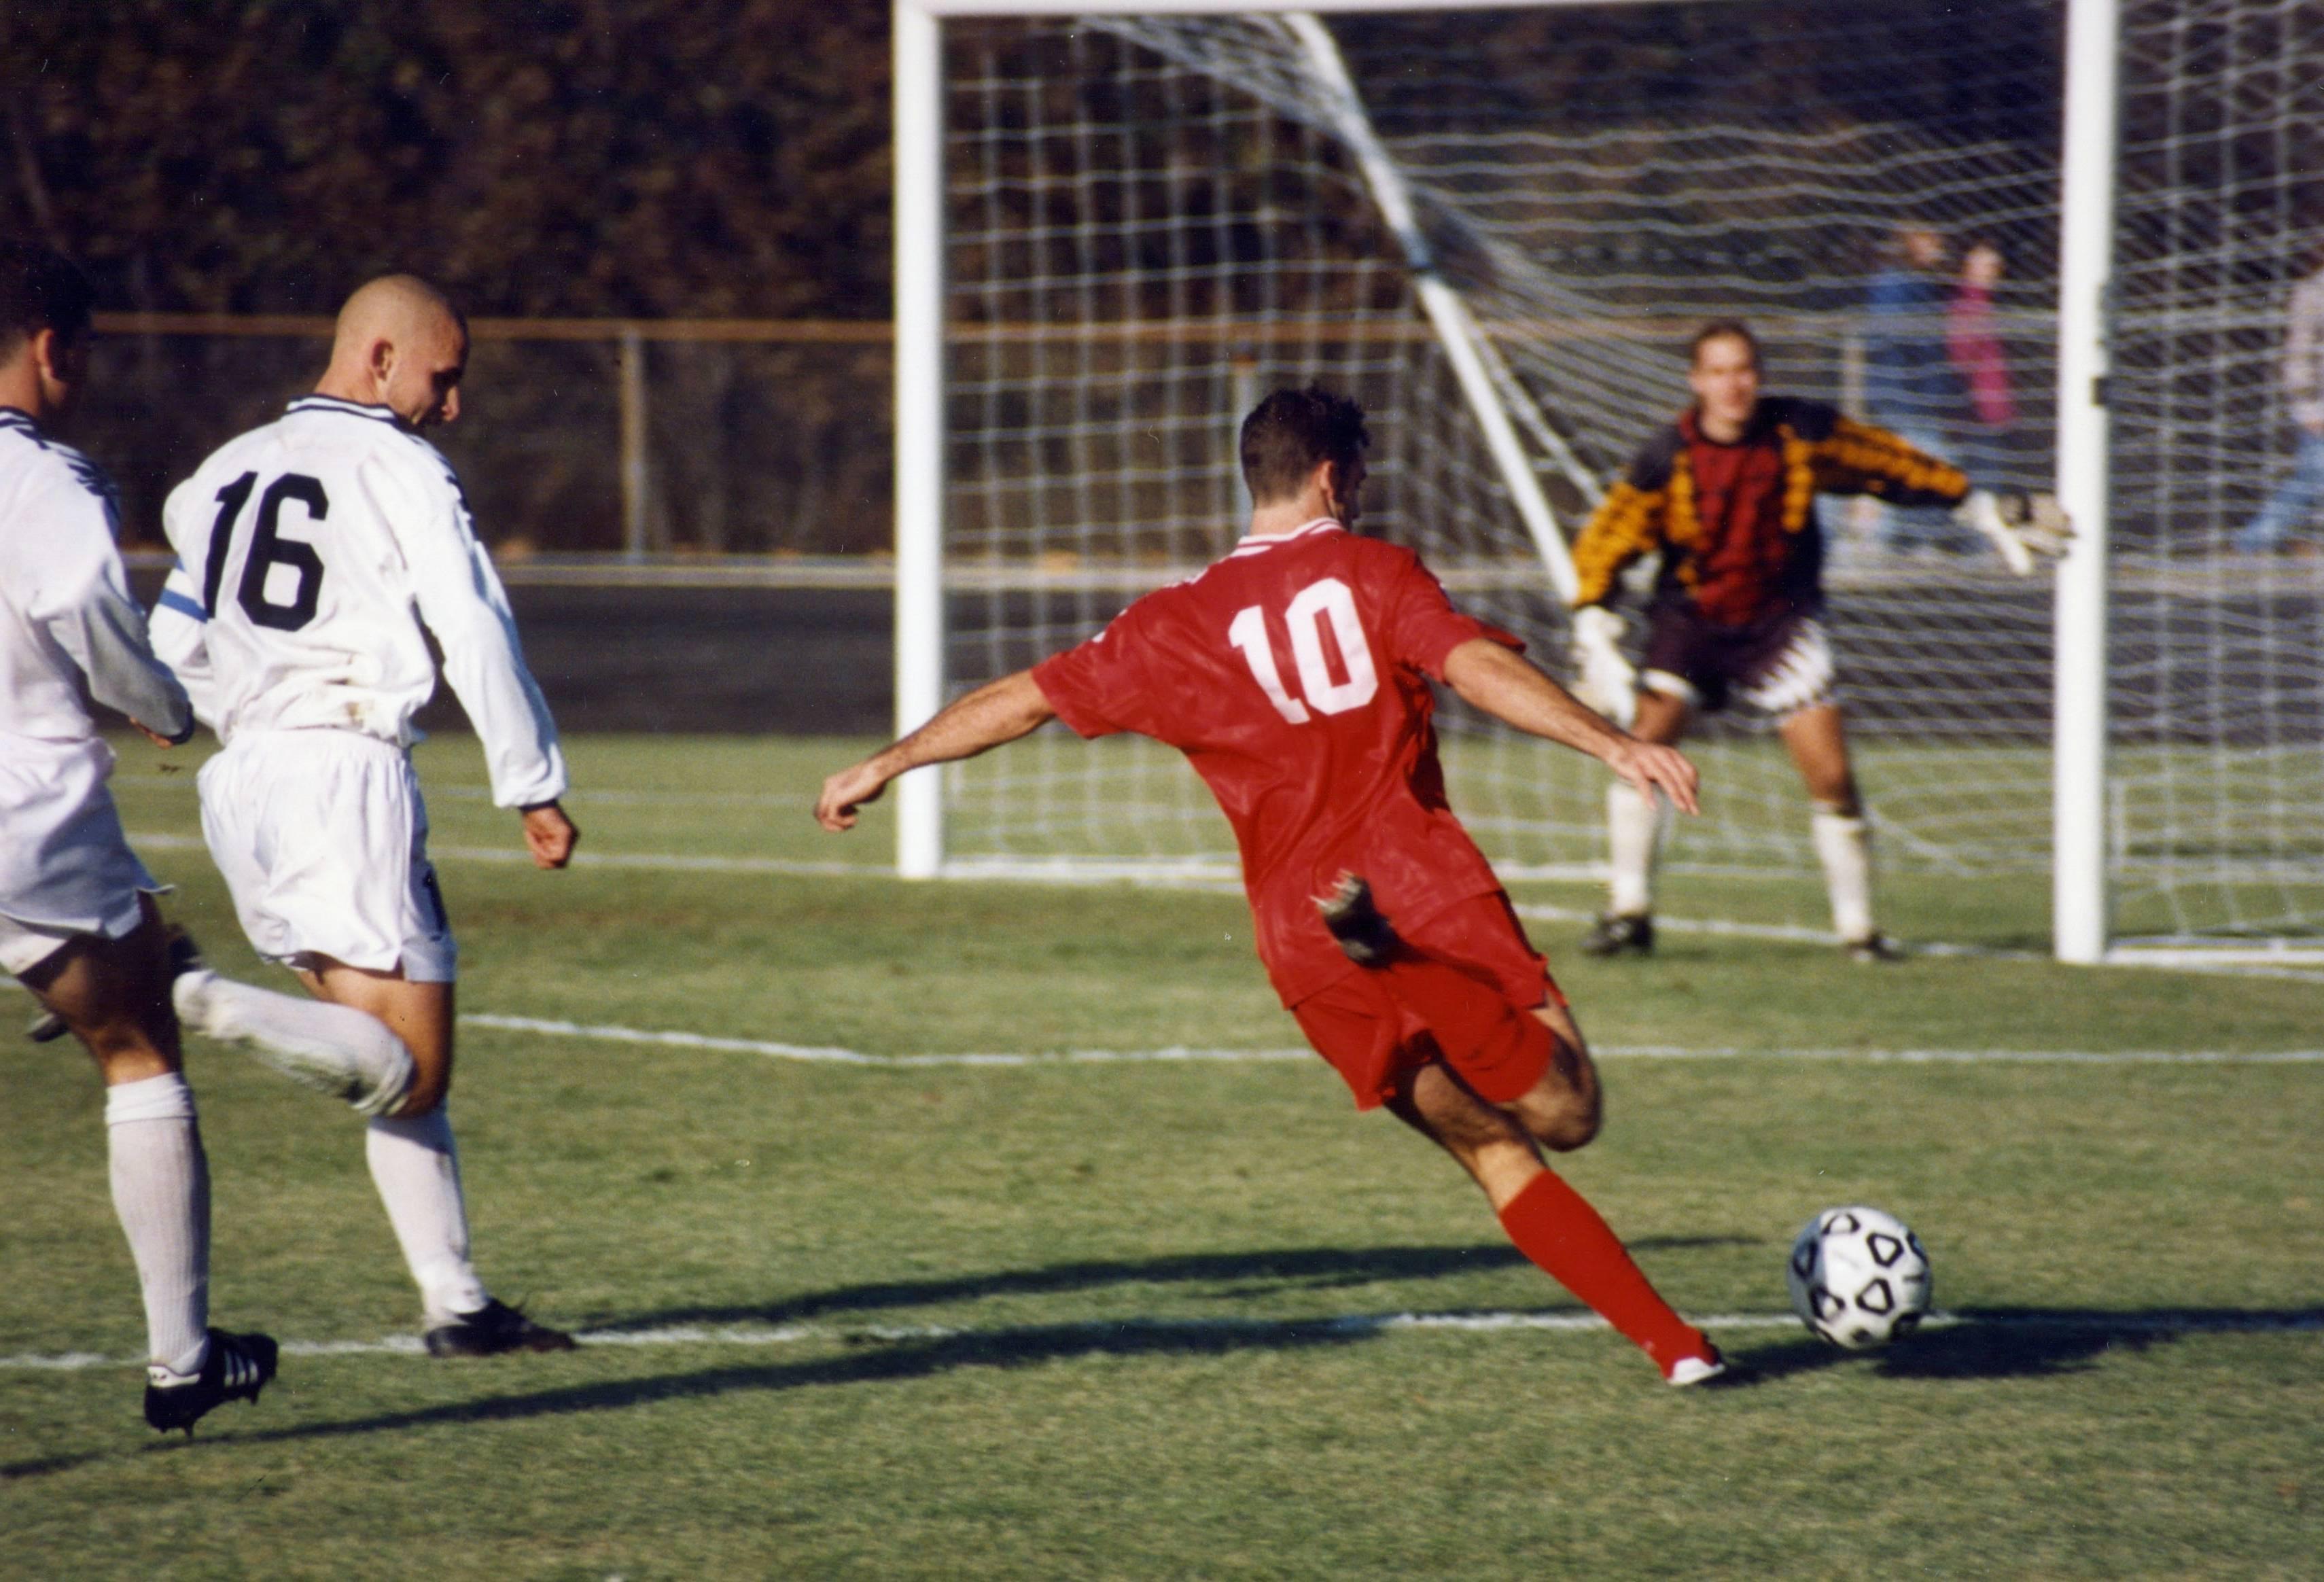 Прессинг в футболе: виды, плюсы и минусы